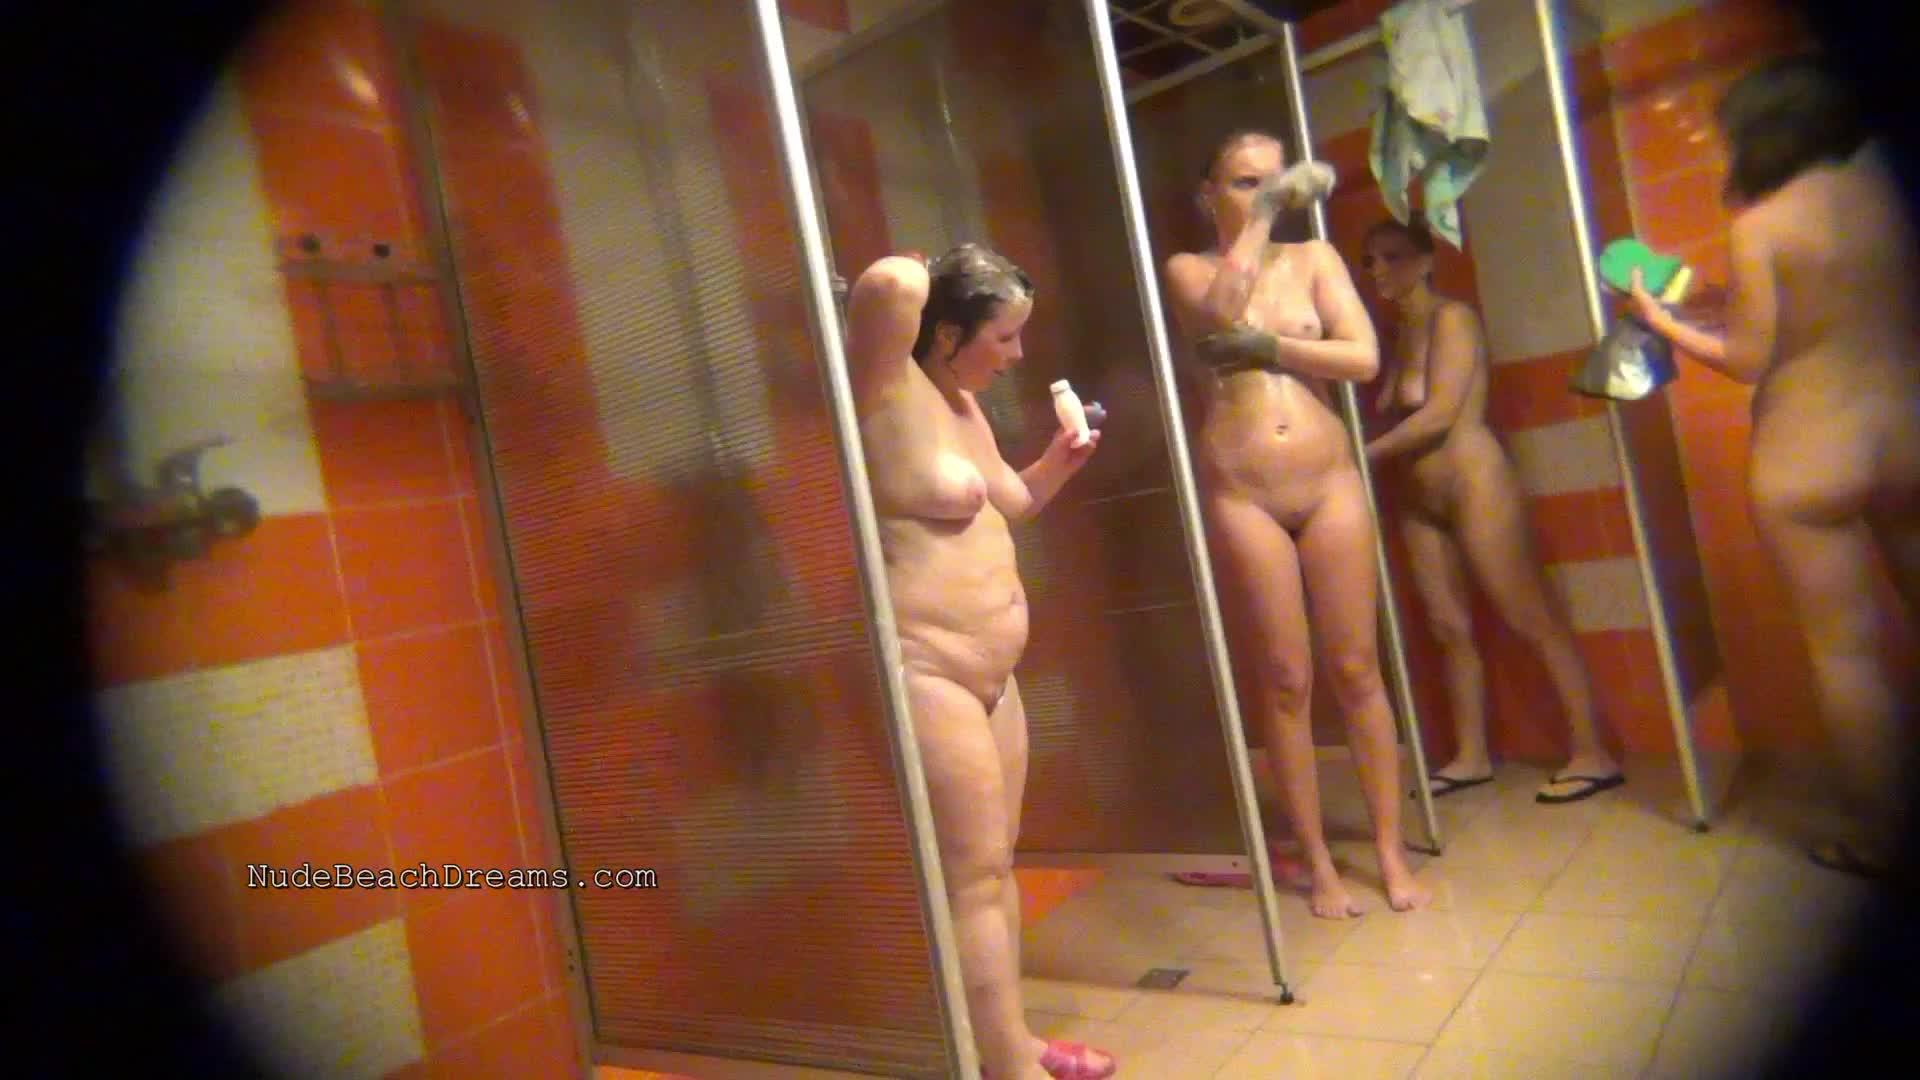 Showerspycameras.com- Spy Camera 01 part 00348 - k2s.tv